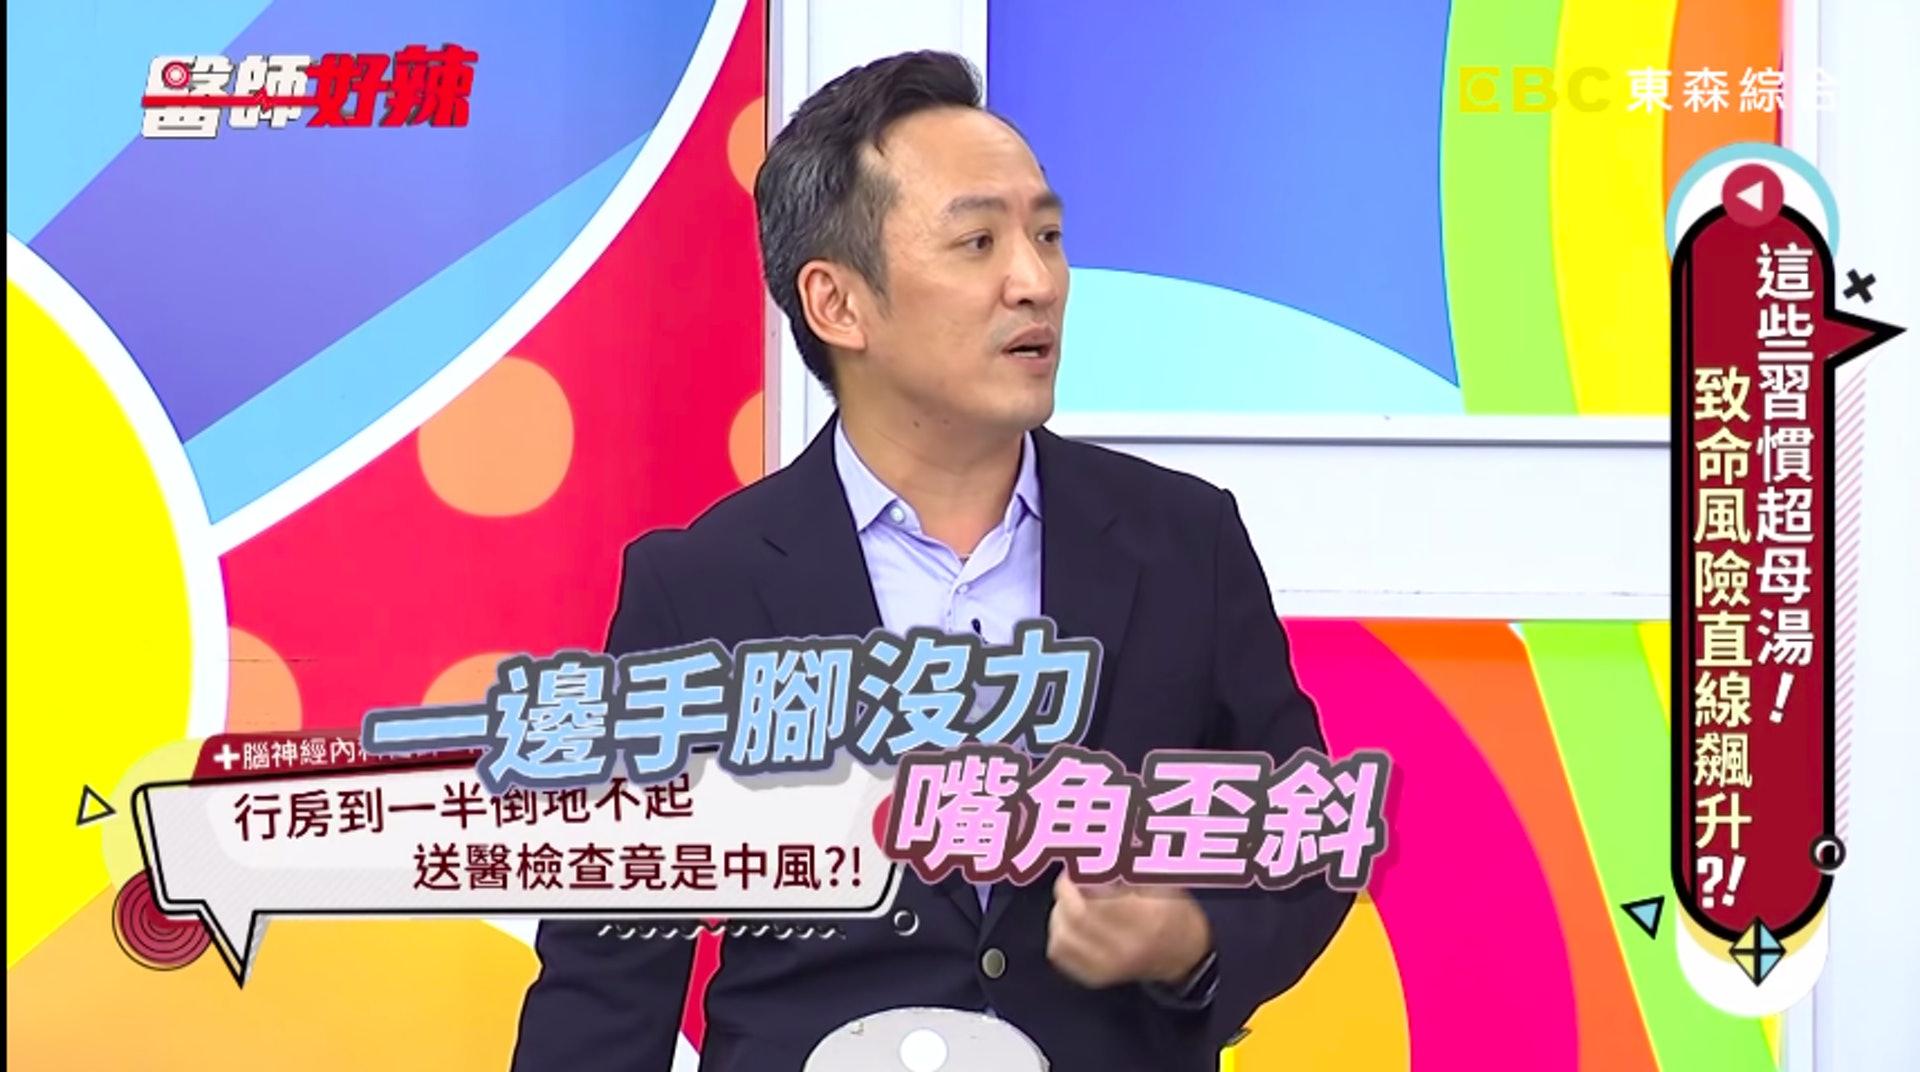 台灣醫生林志豪在節目《醫師好辣》中表示,這名男子送來急診時,意識不太清楚,一邊手腳沒力,嘴角歪斜,好像中風的症狀。(《醫師好辣》截圖)